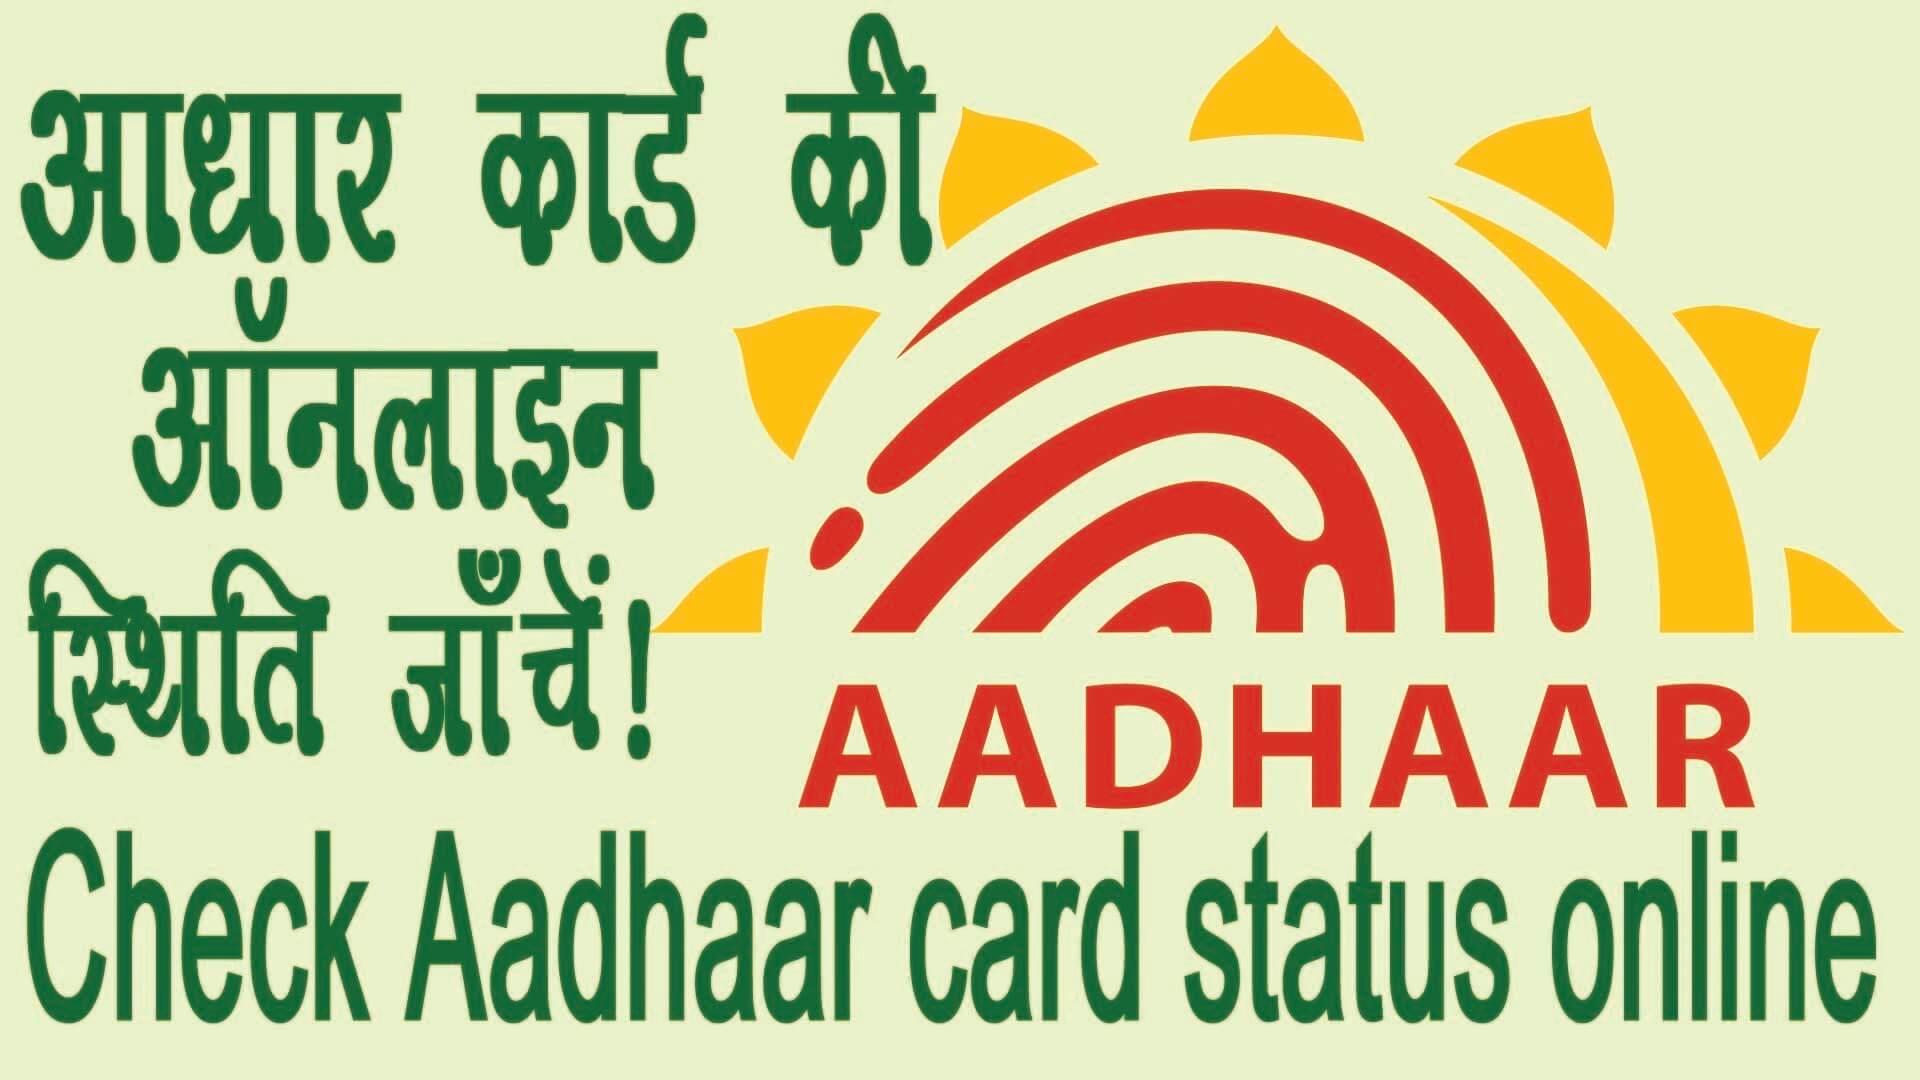 Chek Aadhaar Card Statas Online